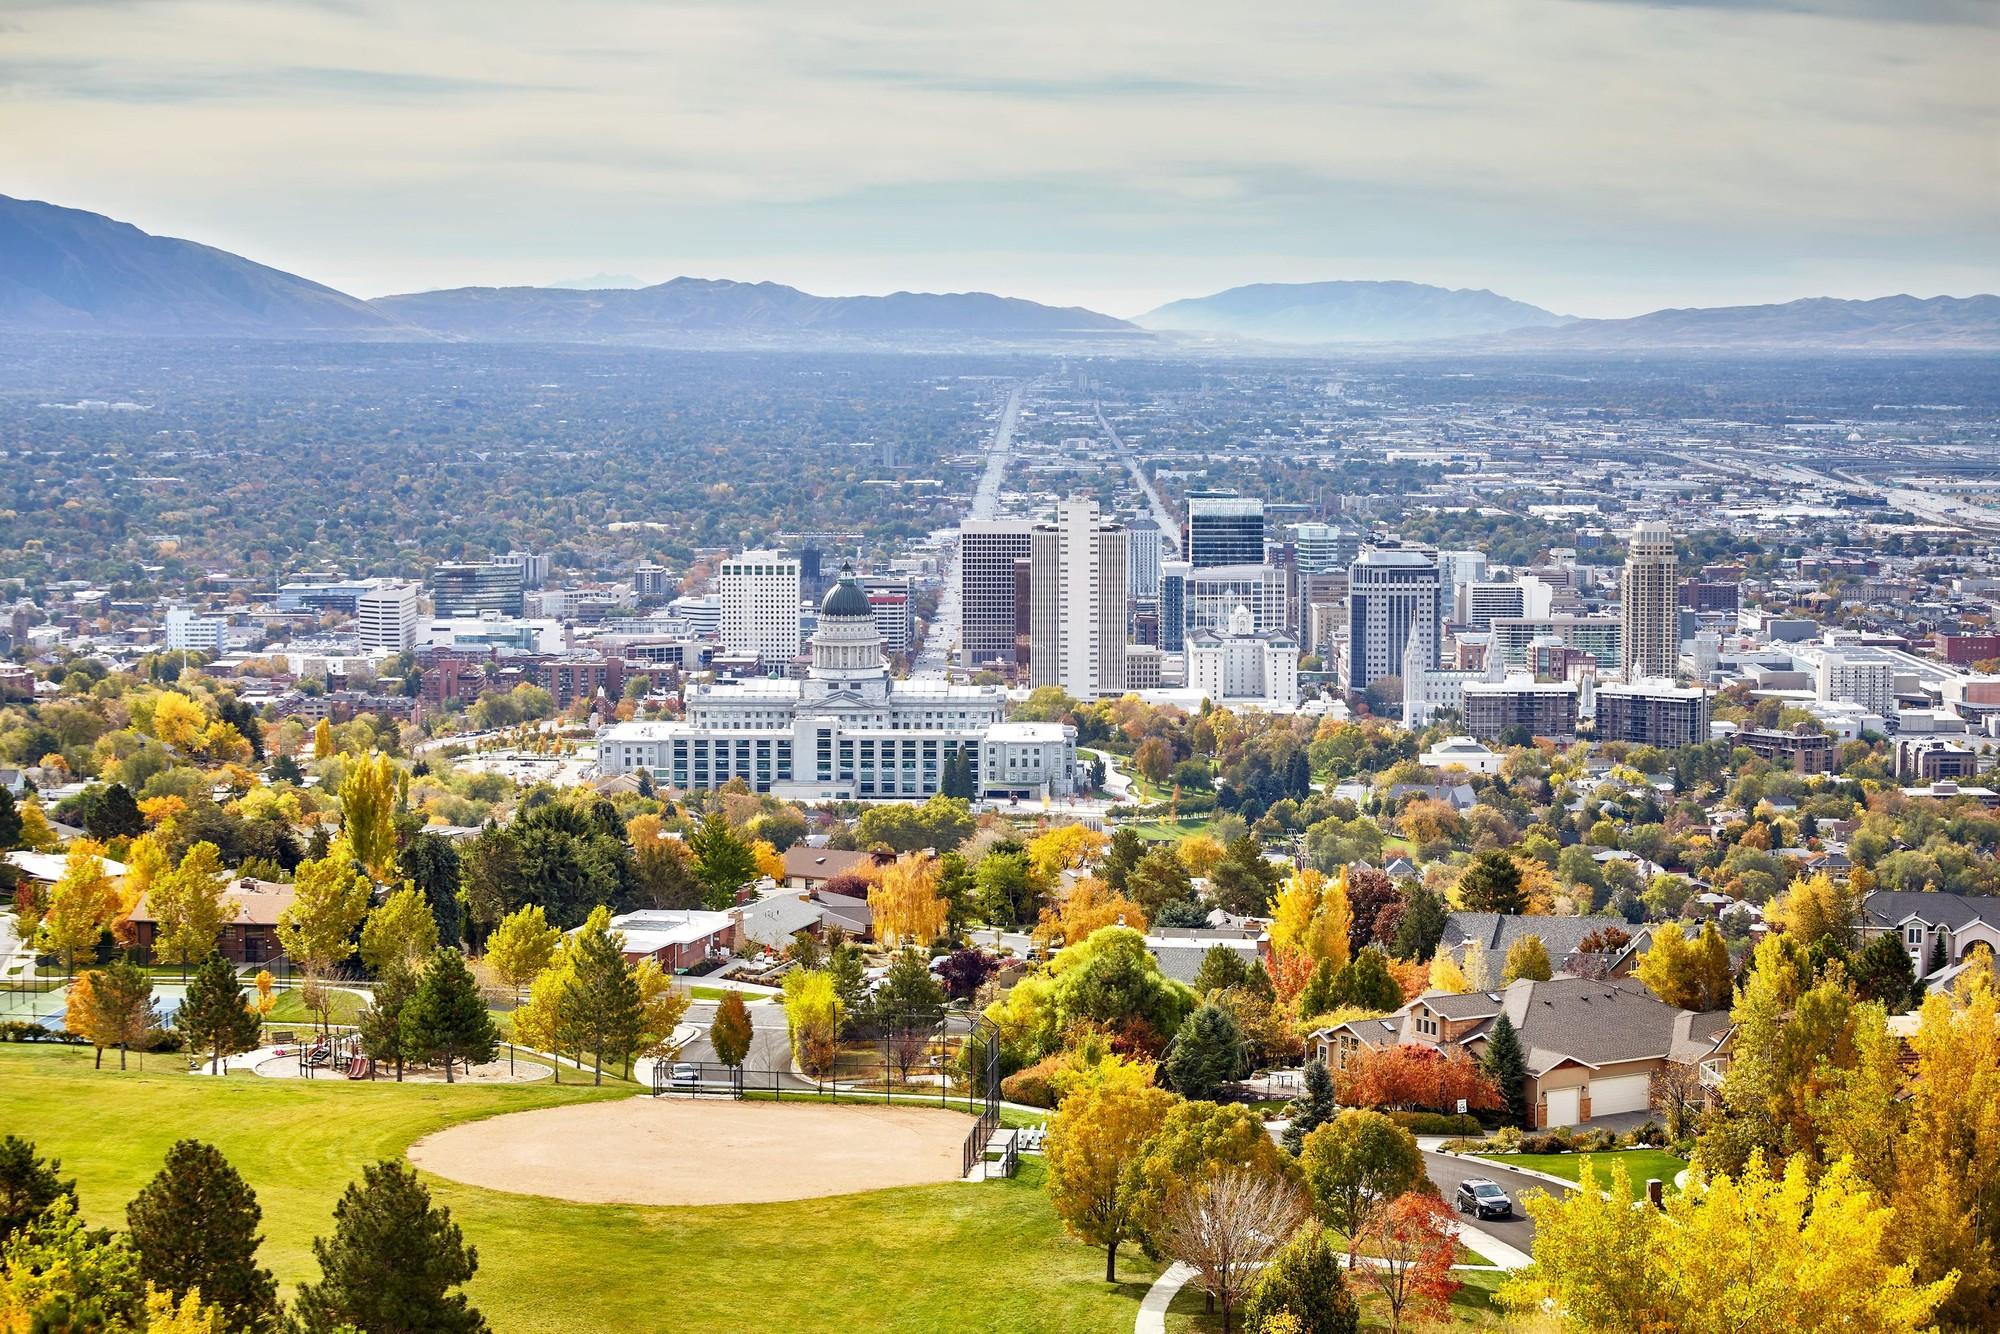 City view of the University of Utah in Salt Lake City